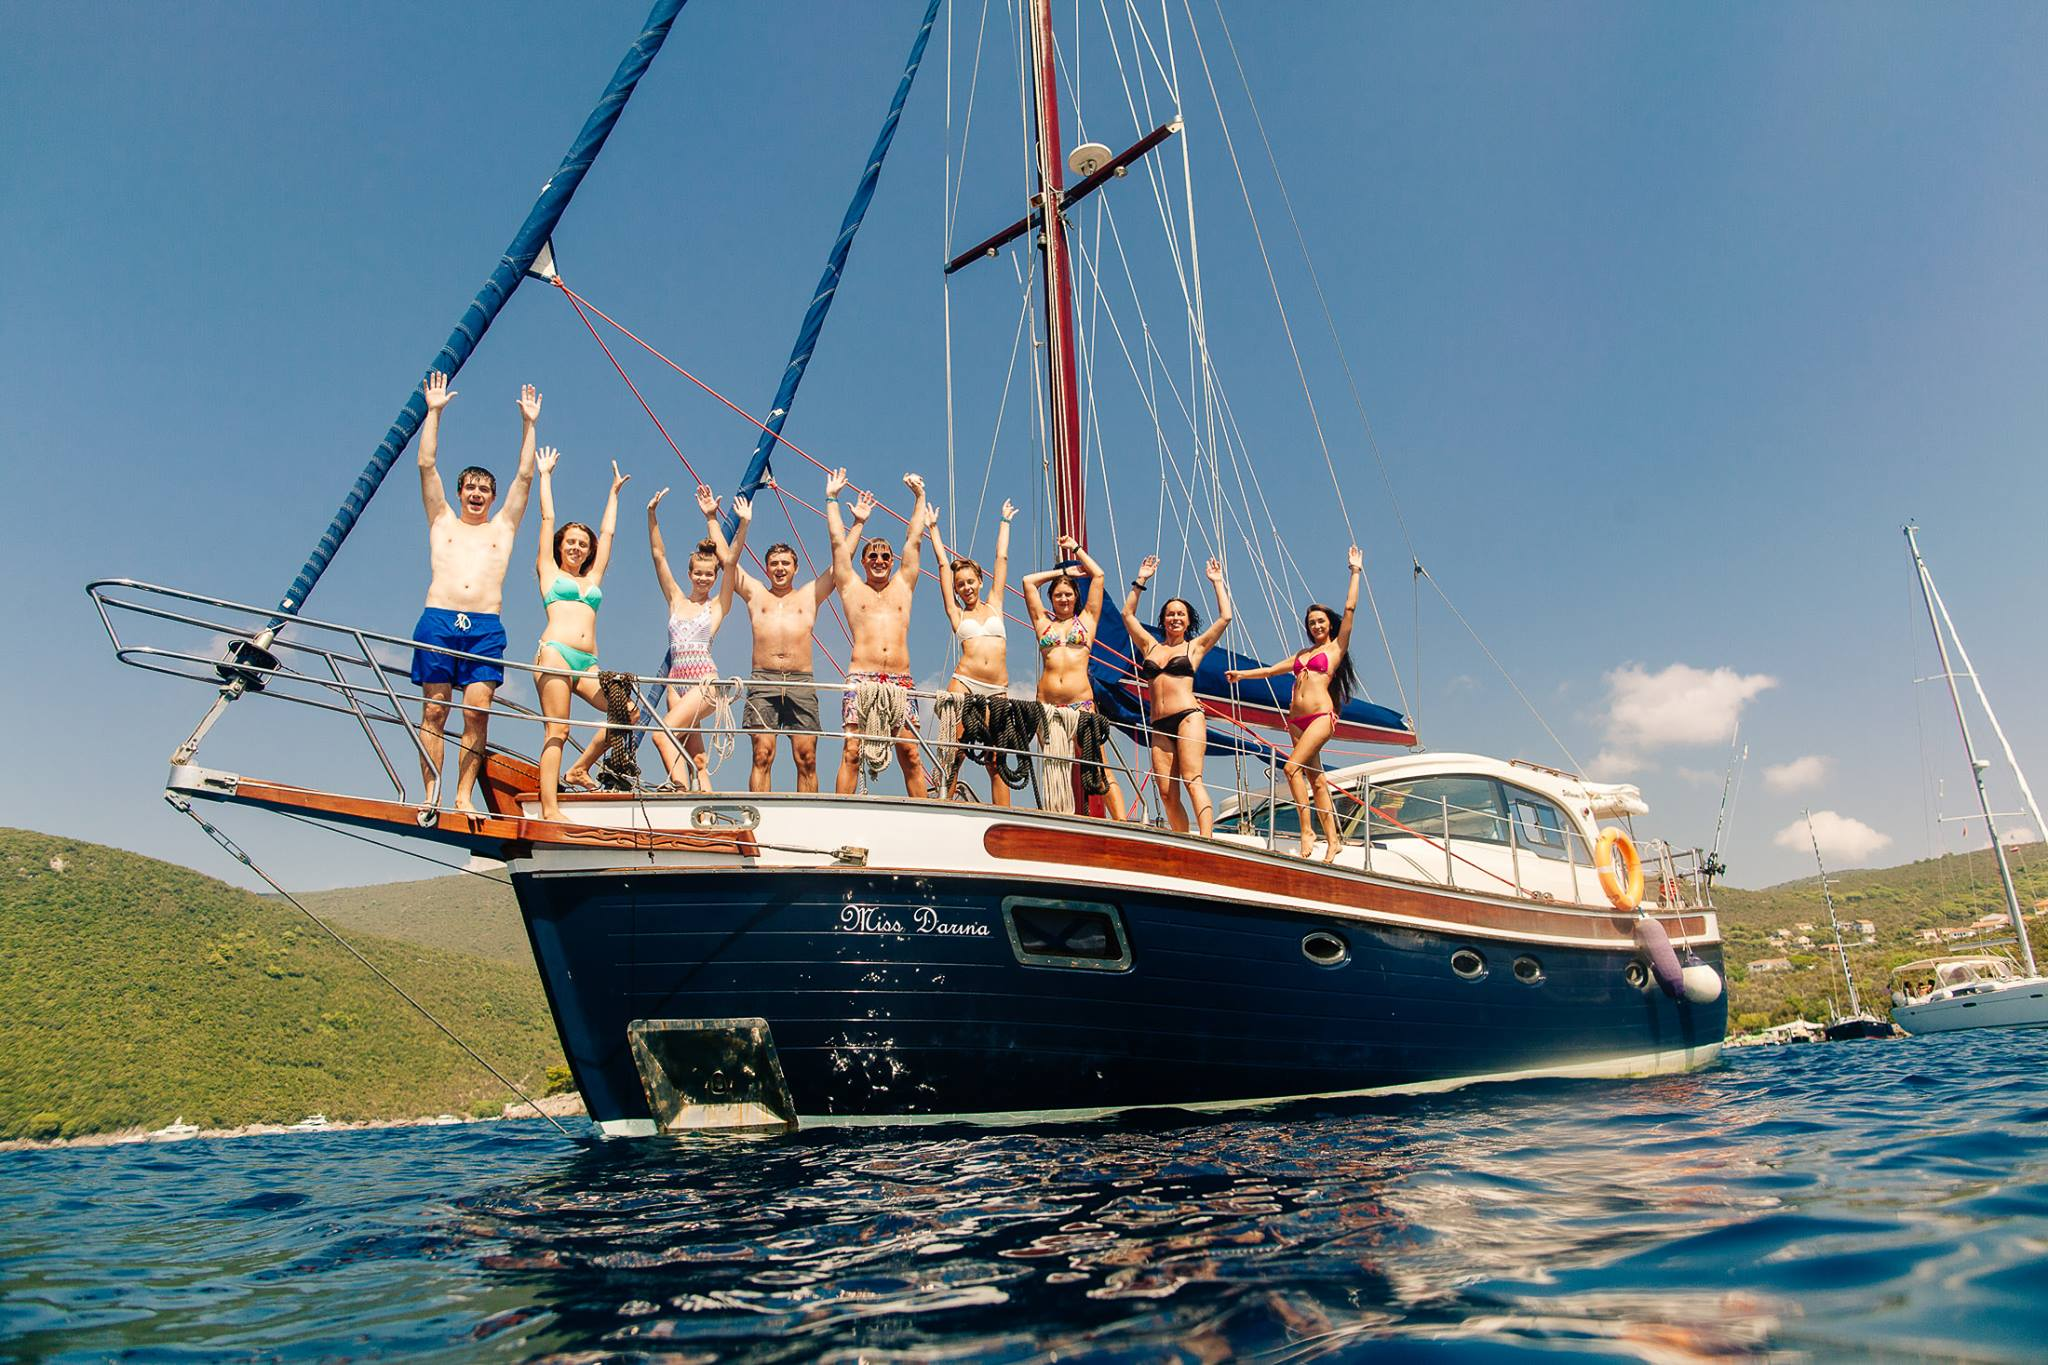 Смотреть катание на яхте богатых видео